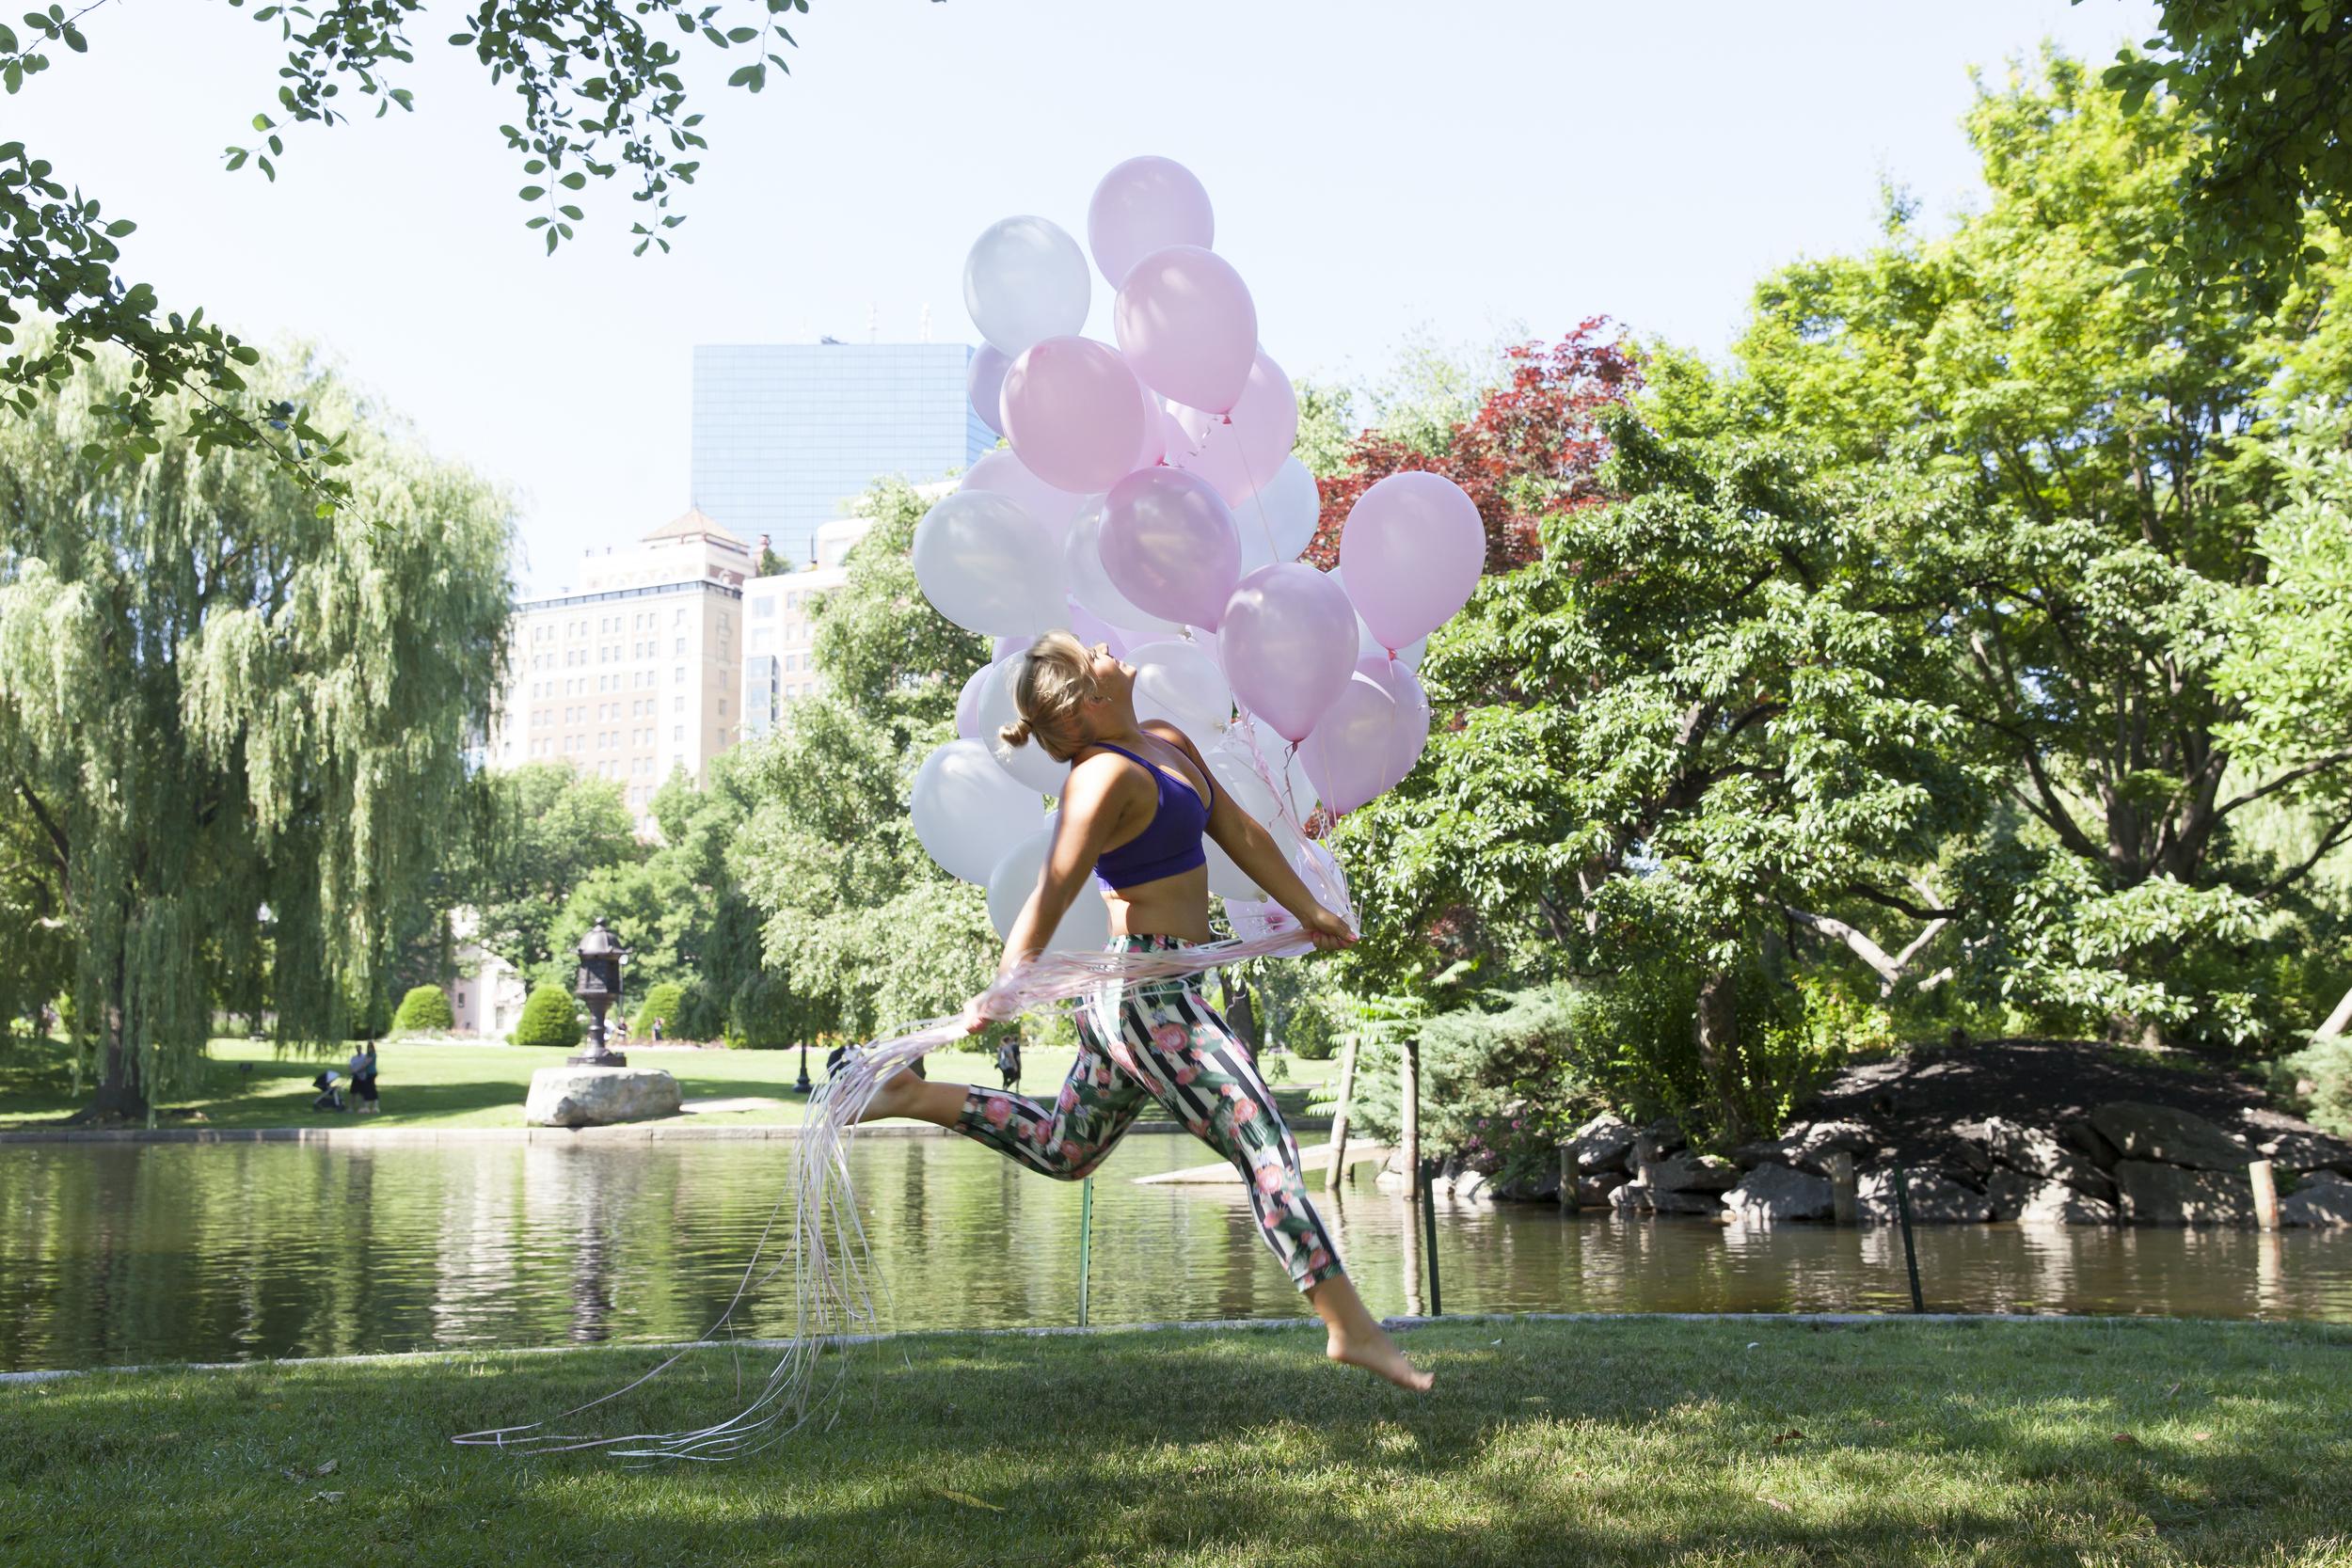 fitnessballoons.jpg